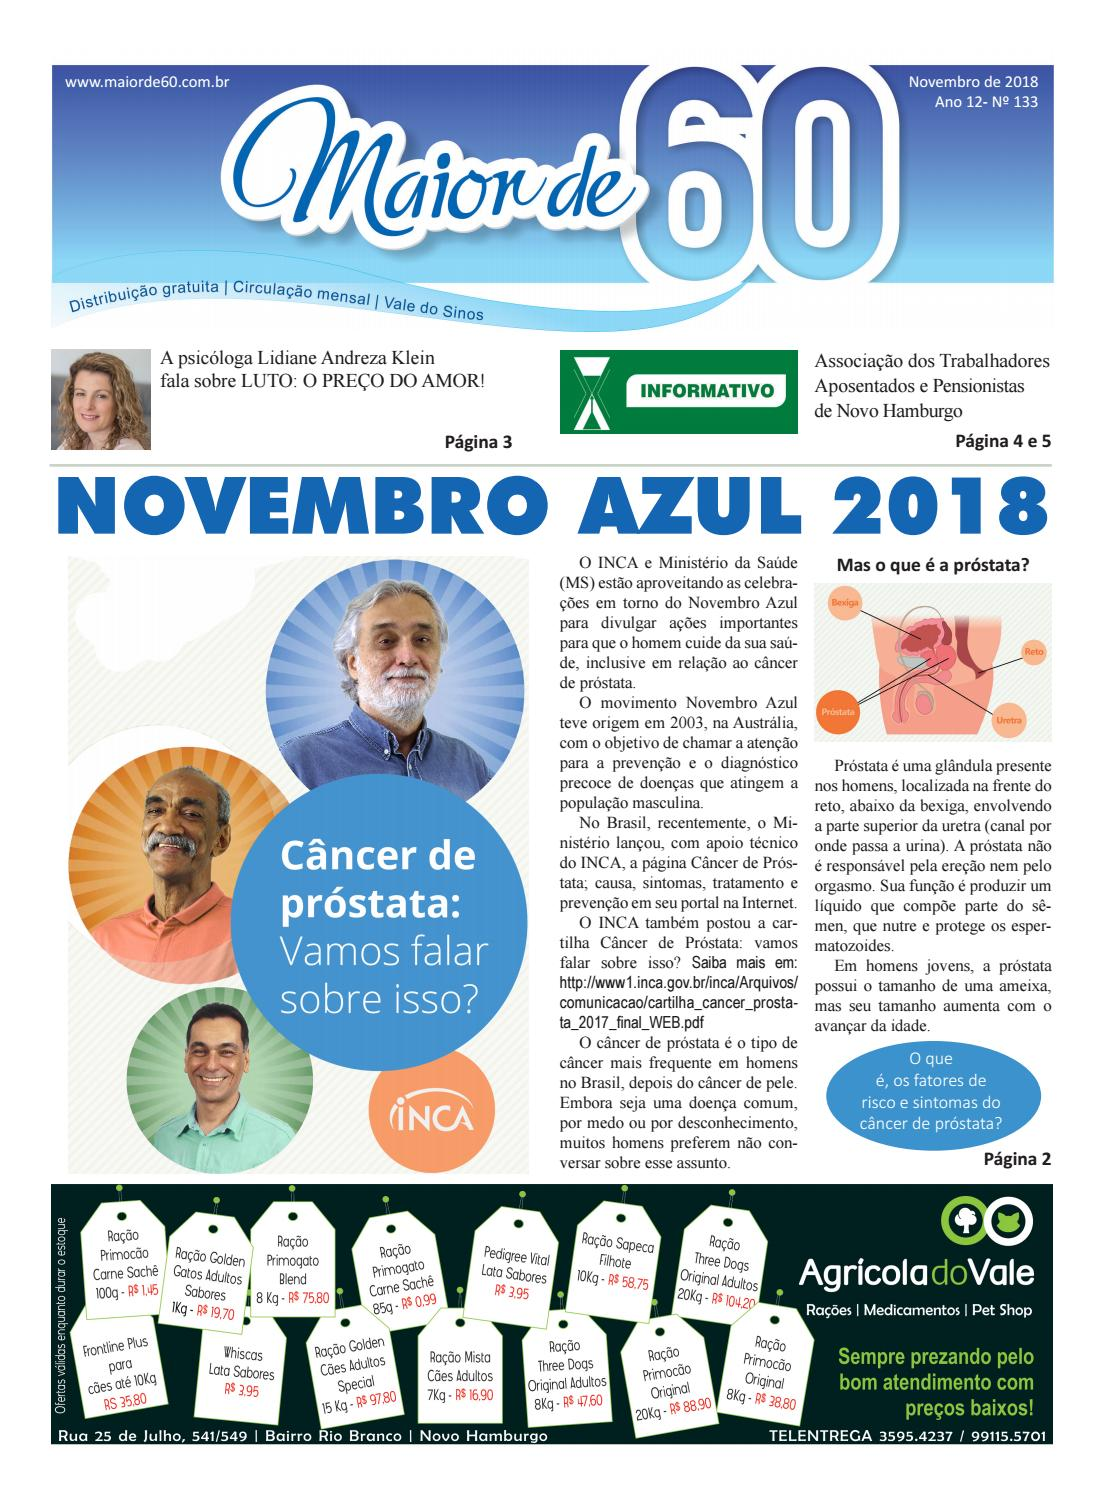 cancer de prostata reincidente)